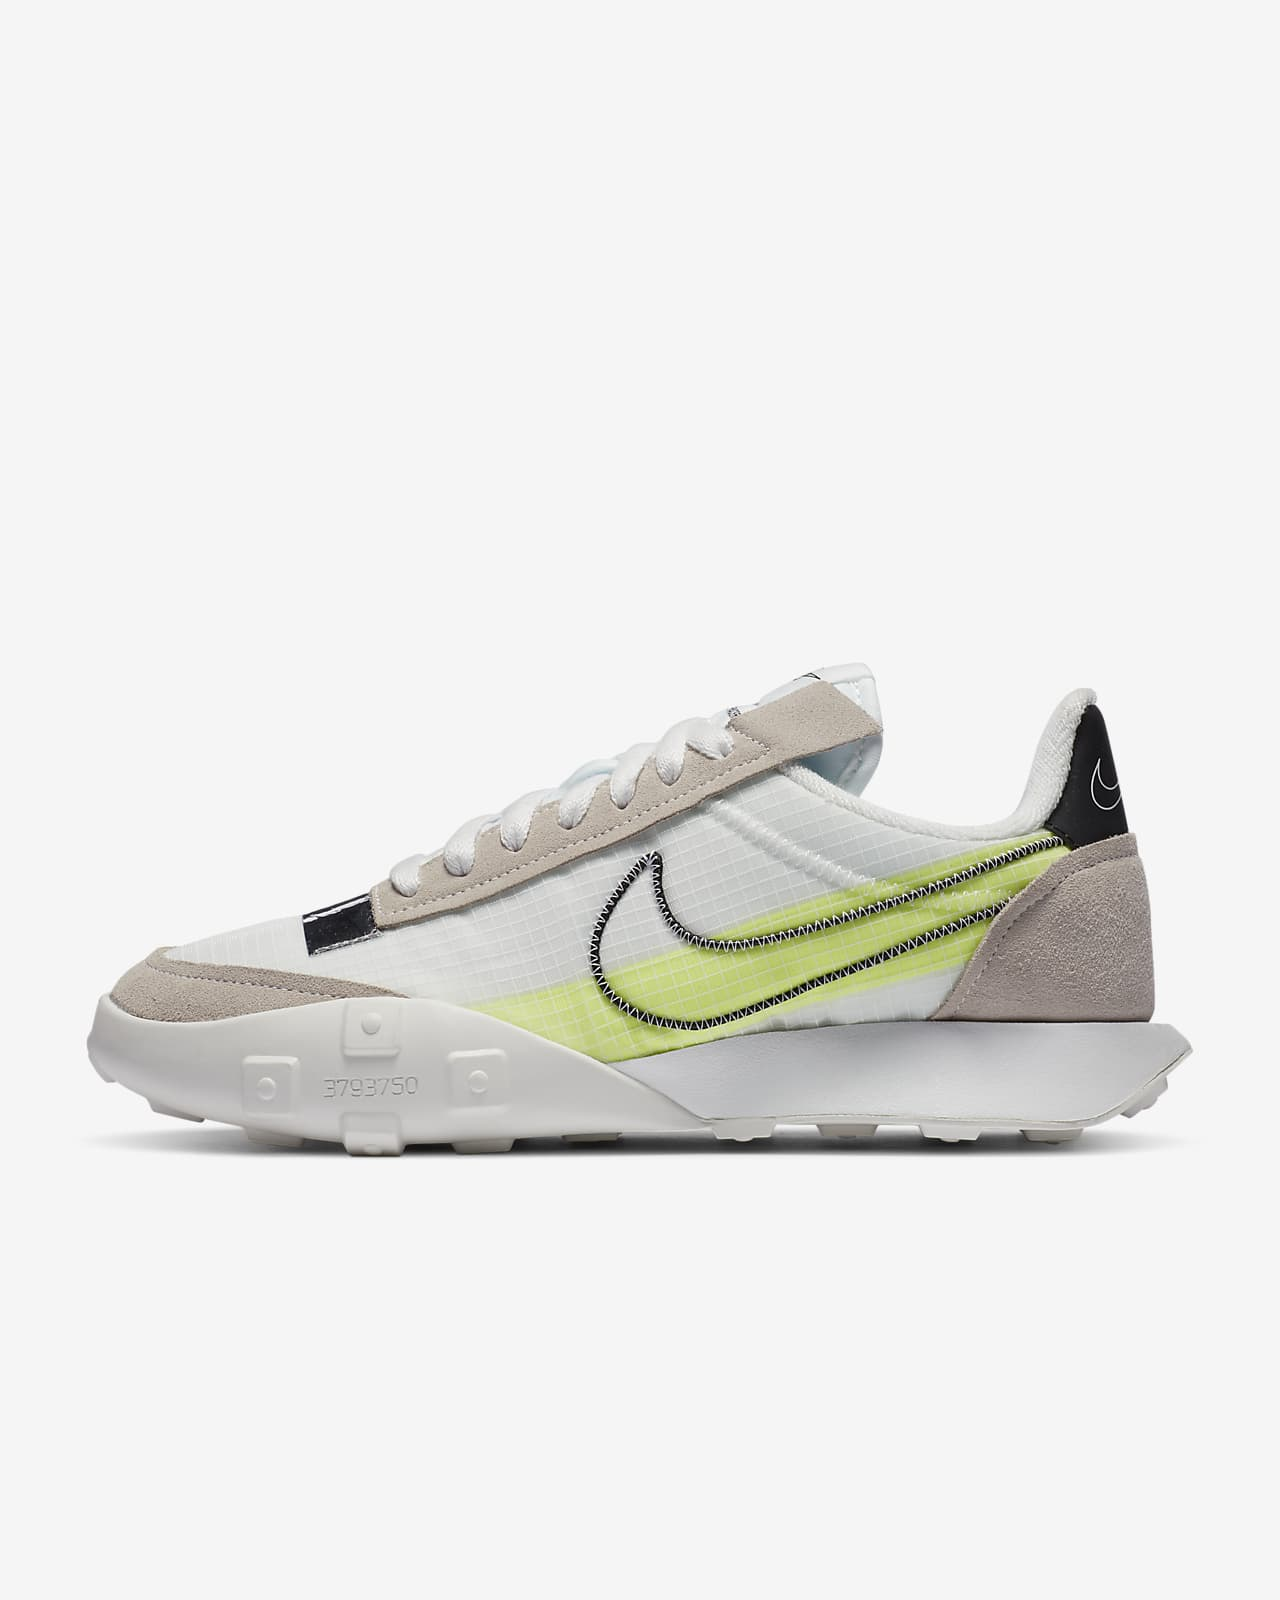 Nike Waffle Racer 2X Women's Shoe